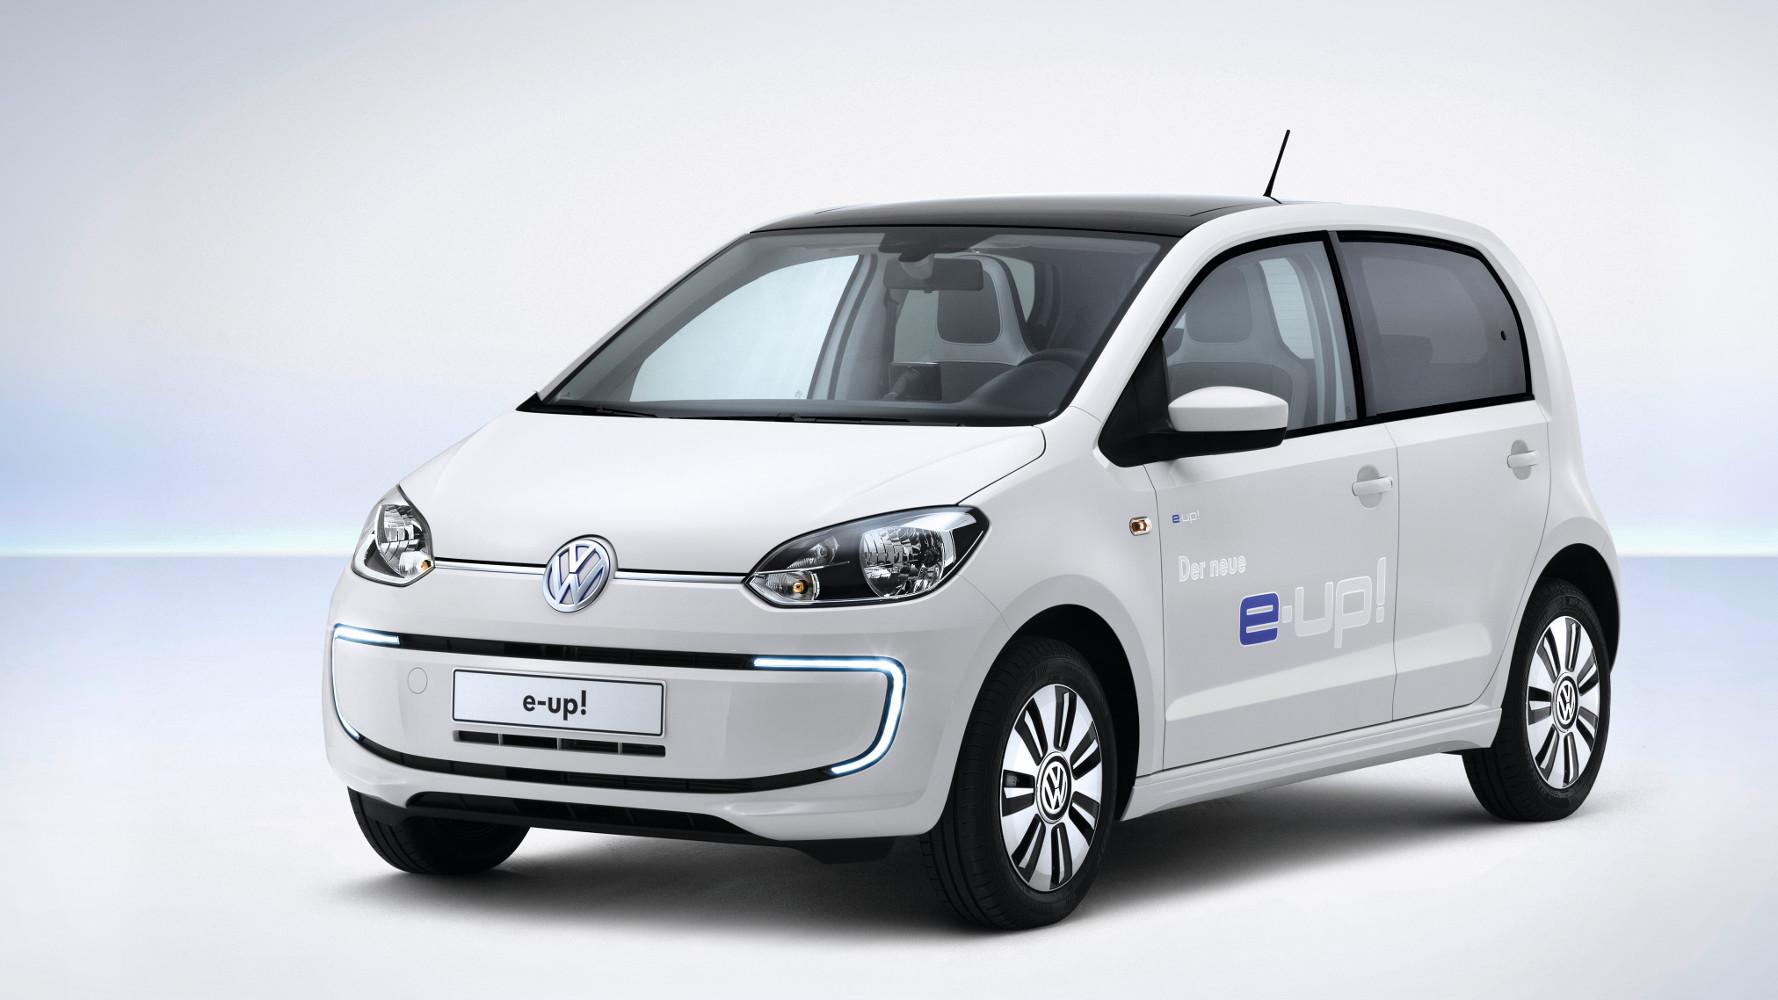 VW e-up! Preis ab 26.900 Euro, 160 km Reichweite